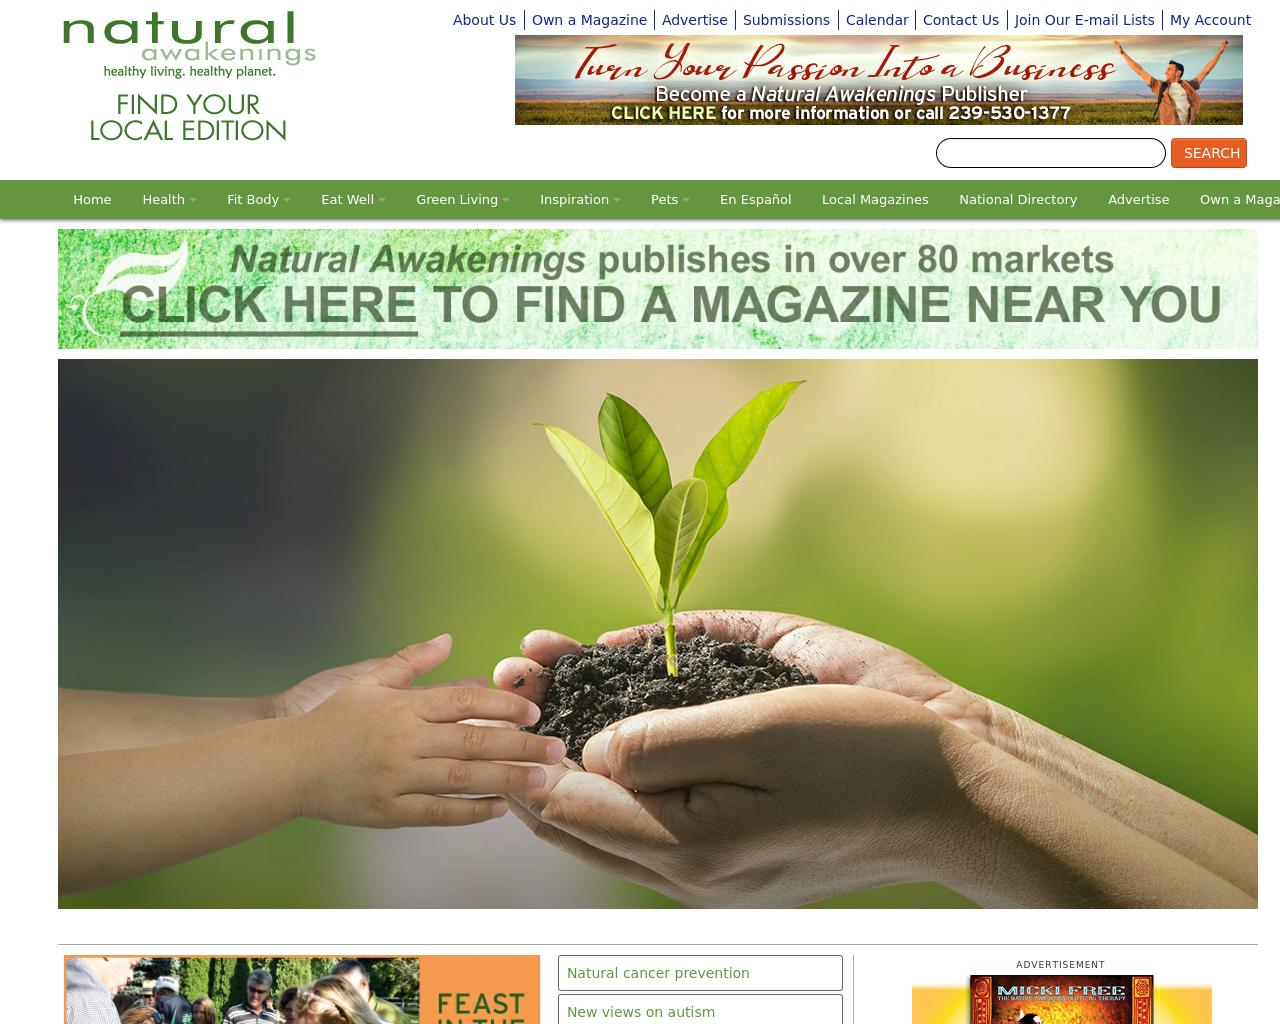 Natural-Awakenings-Magazine-Advertising-Reviews-Pricing